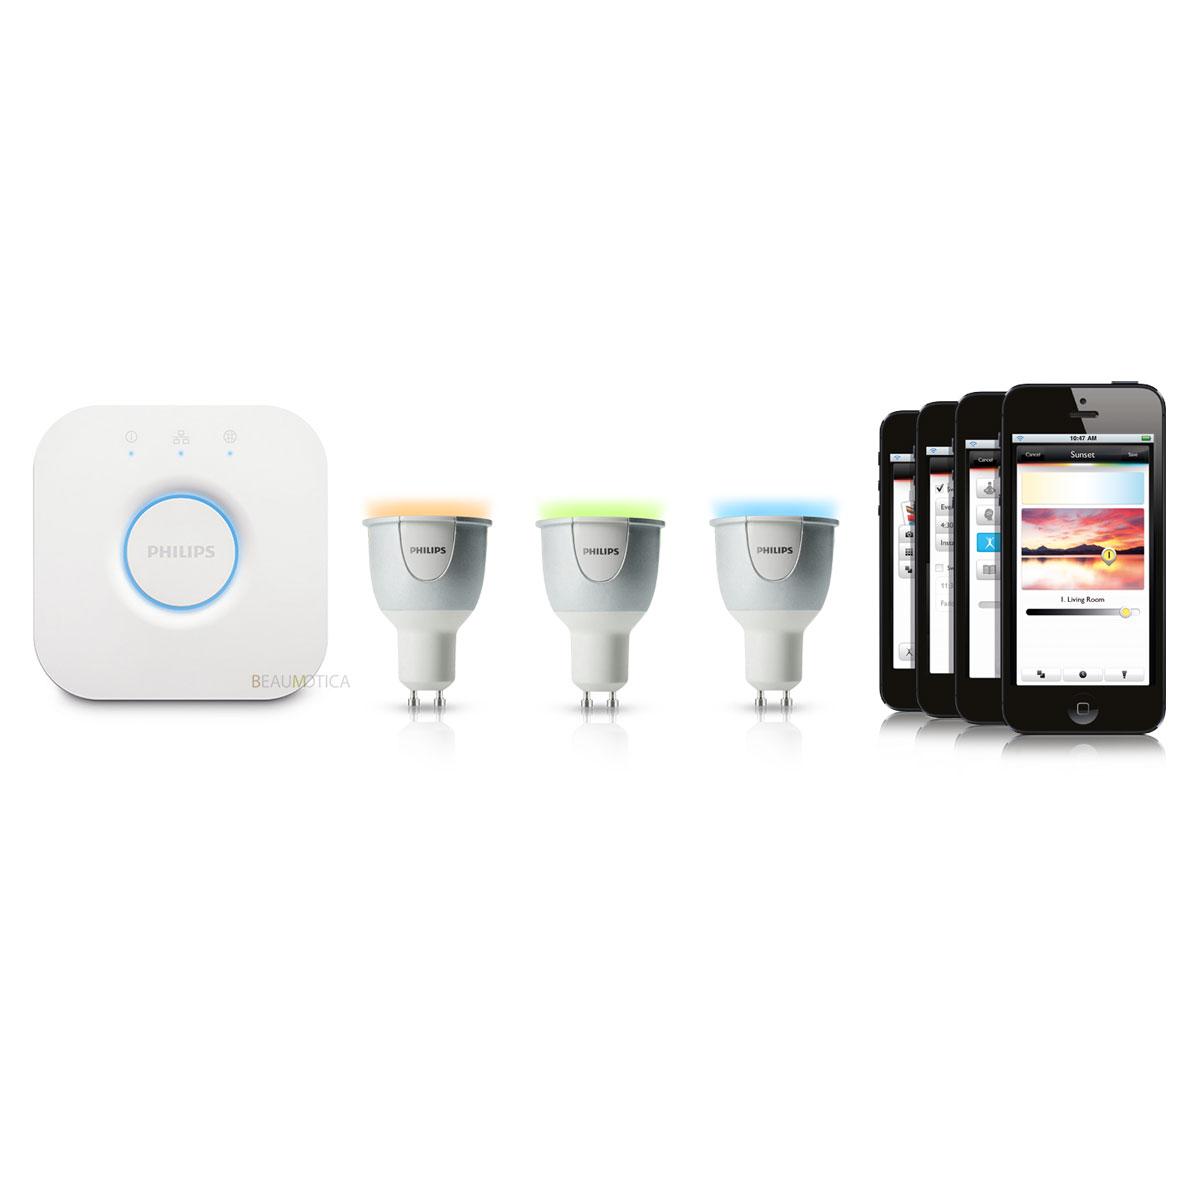 philips hue gu10 white and color starter pack 3 lampen met bridge 2 0. Black Bedroom Furniture Sets. Home Design Ideas